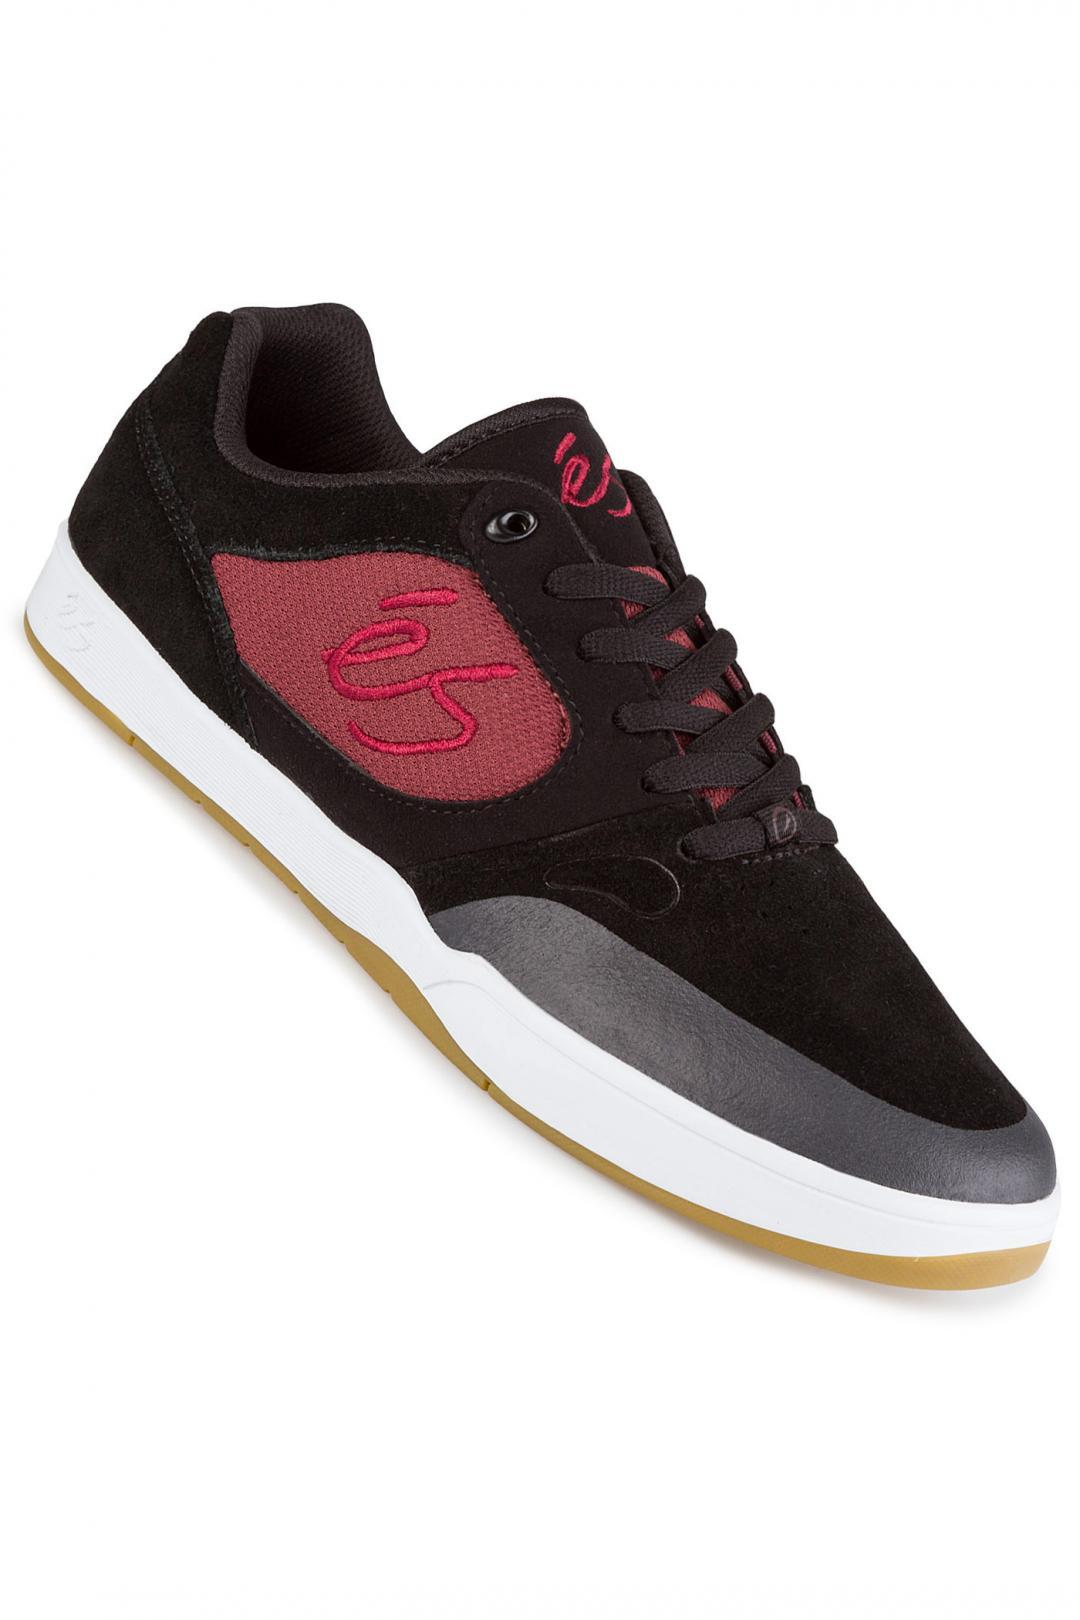 Uomo éS Swift 1.5 black red | Sneaker